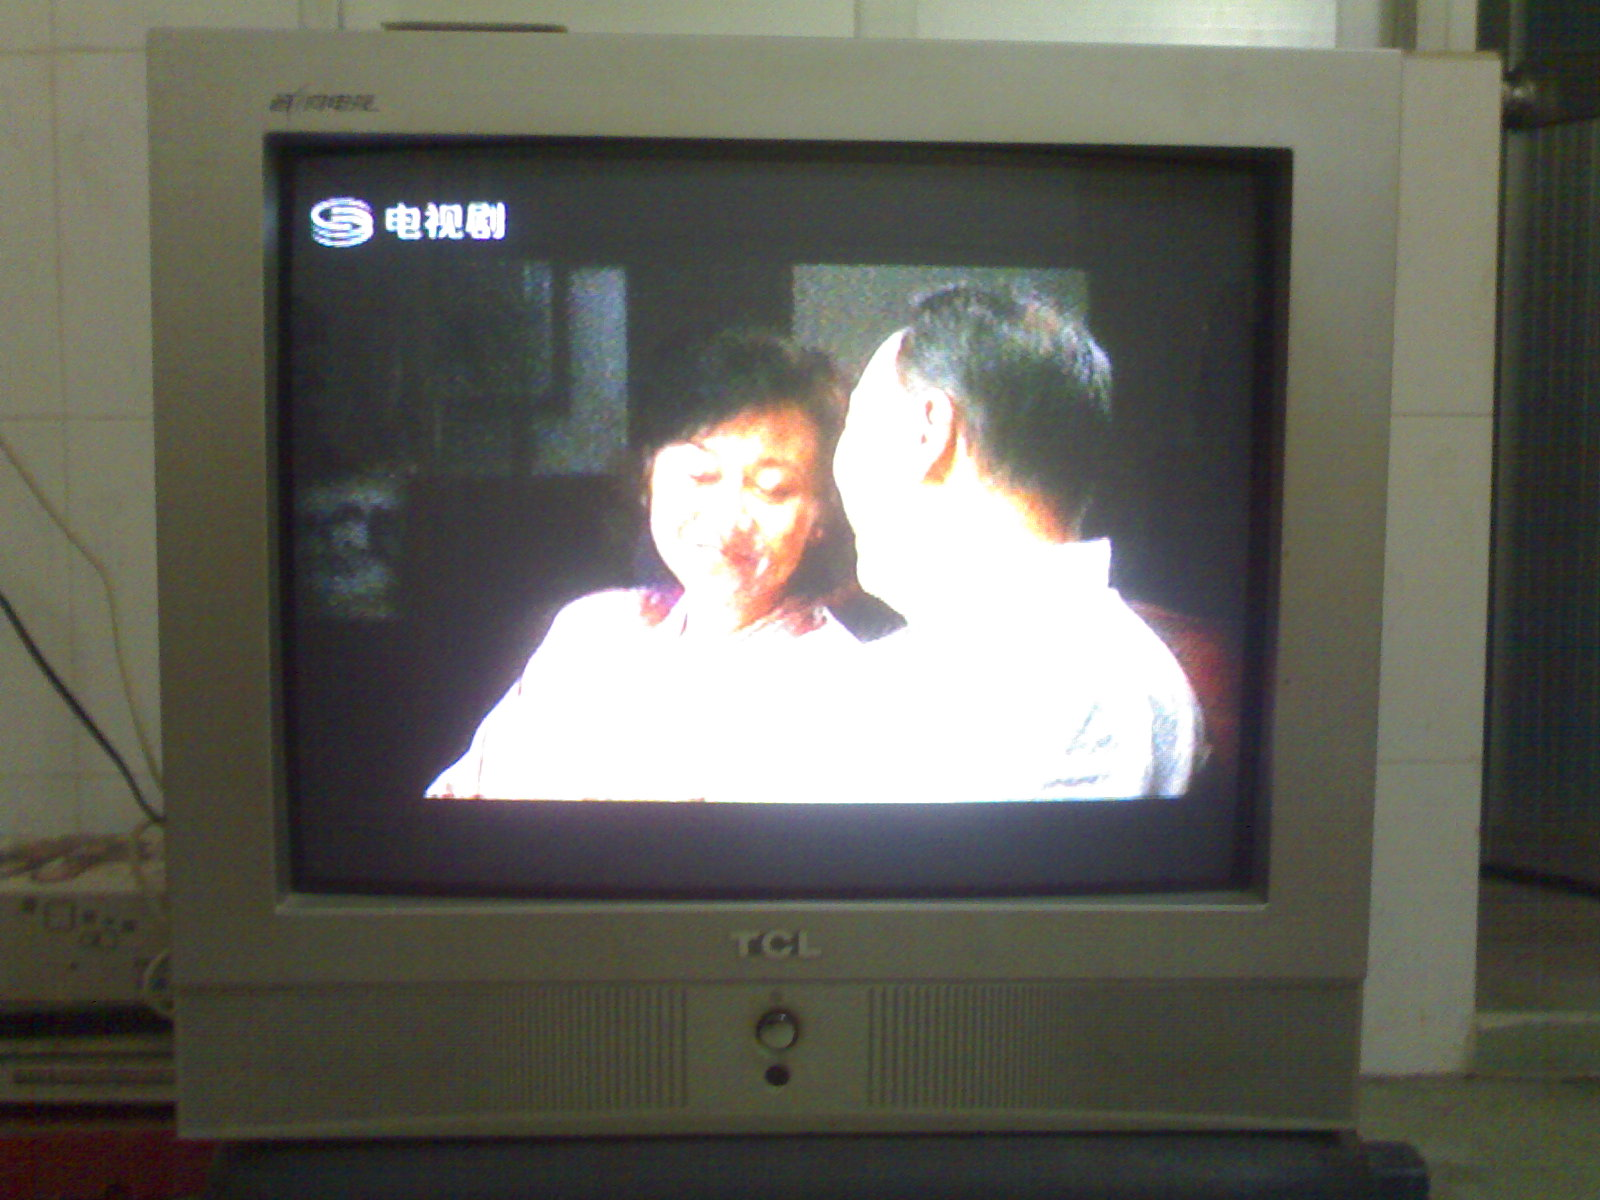 创维 电视 电视机 1600